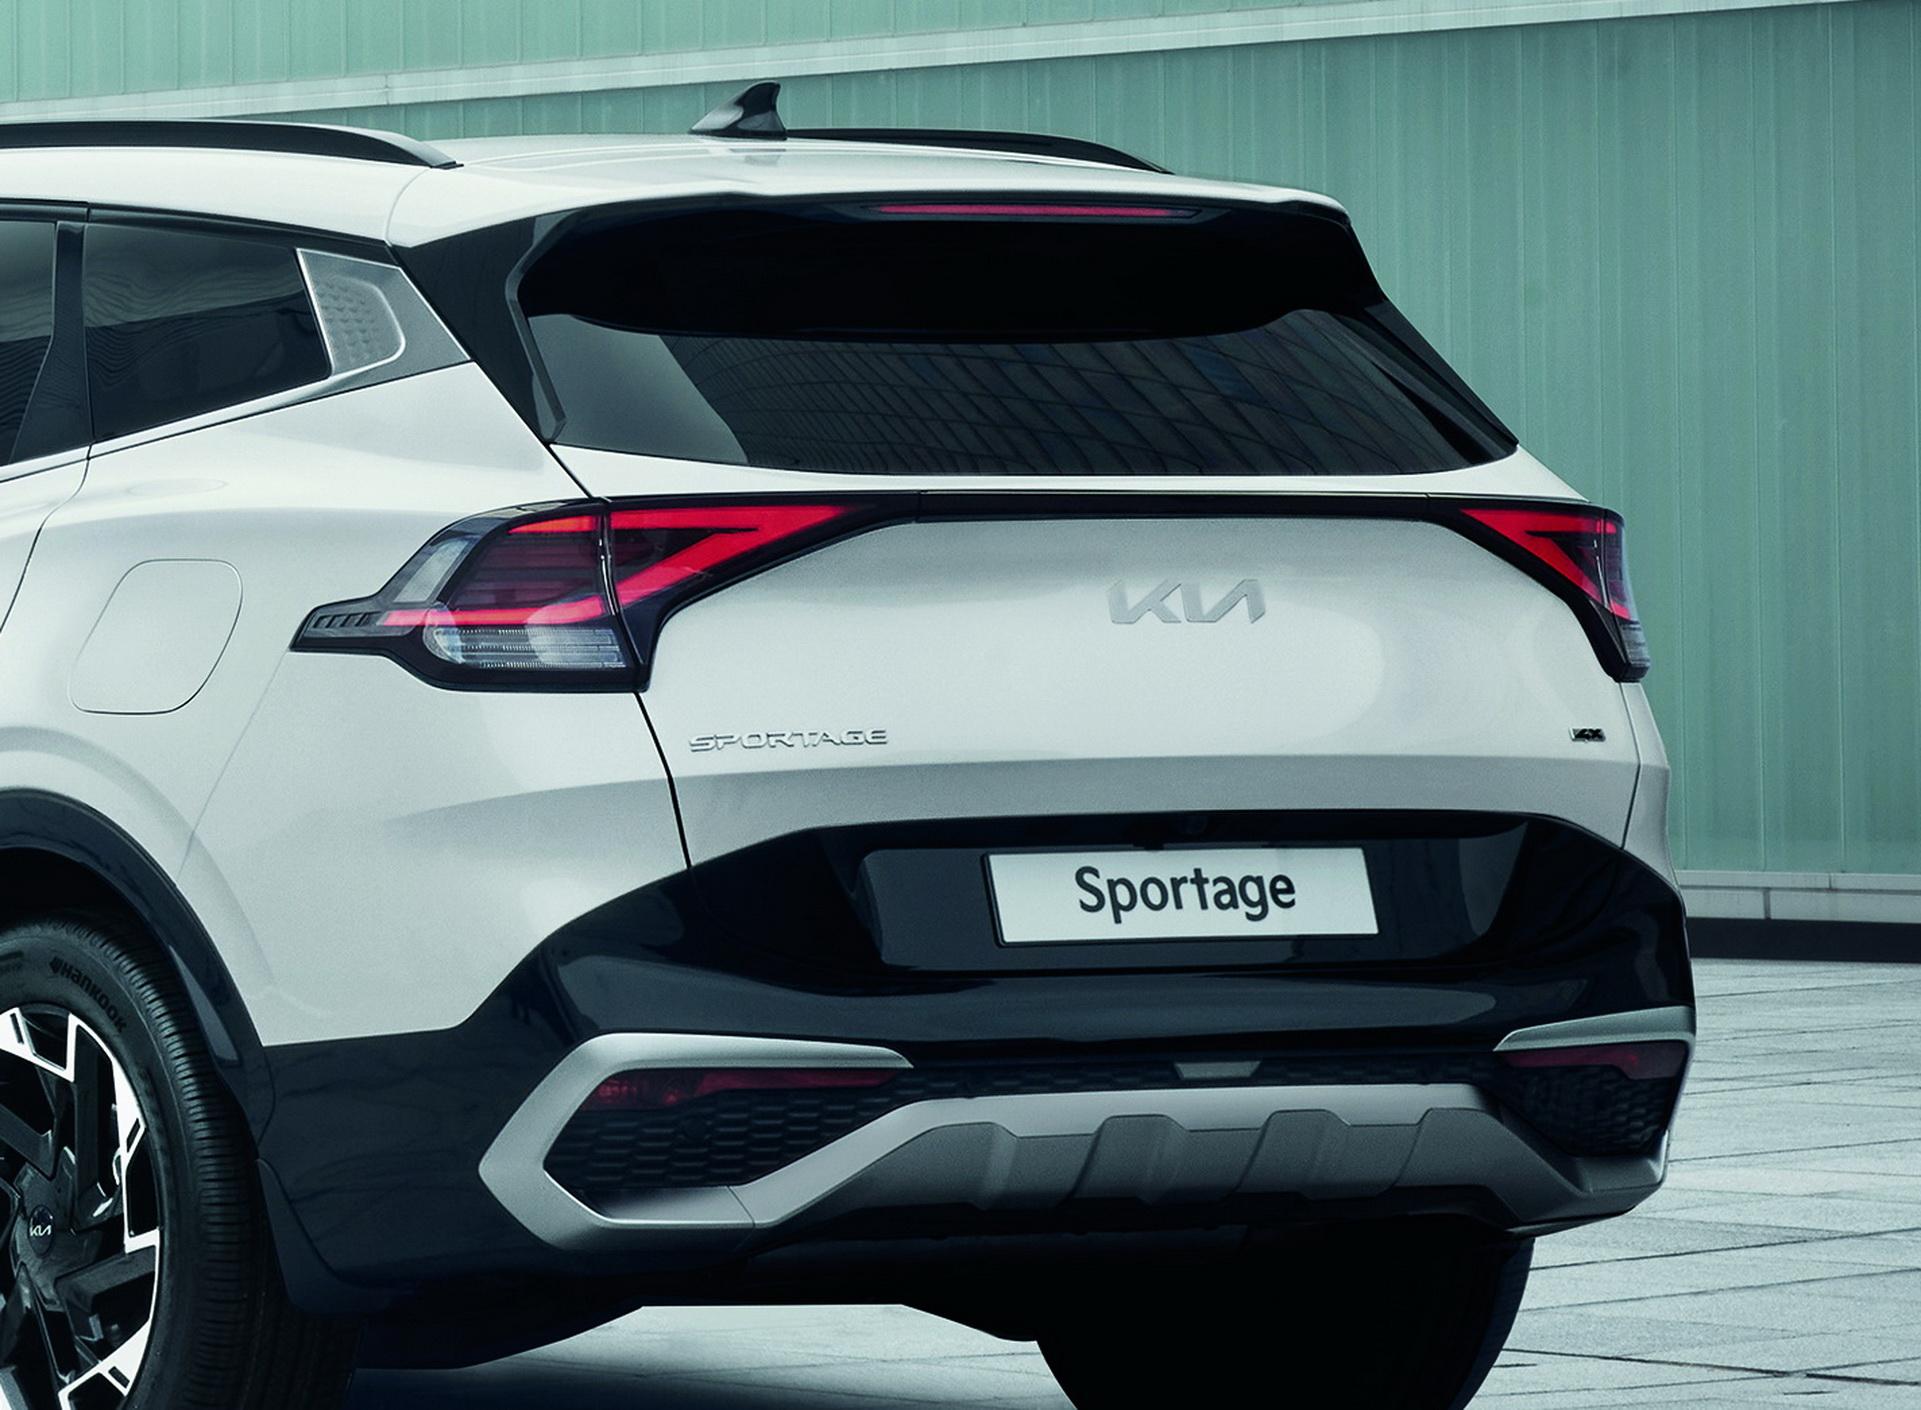 2022 Kia Sportage, yenilenen iç ve dış tasarımıyla karşınızda